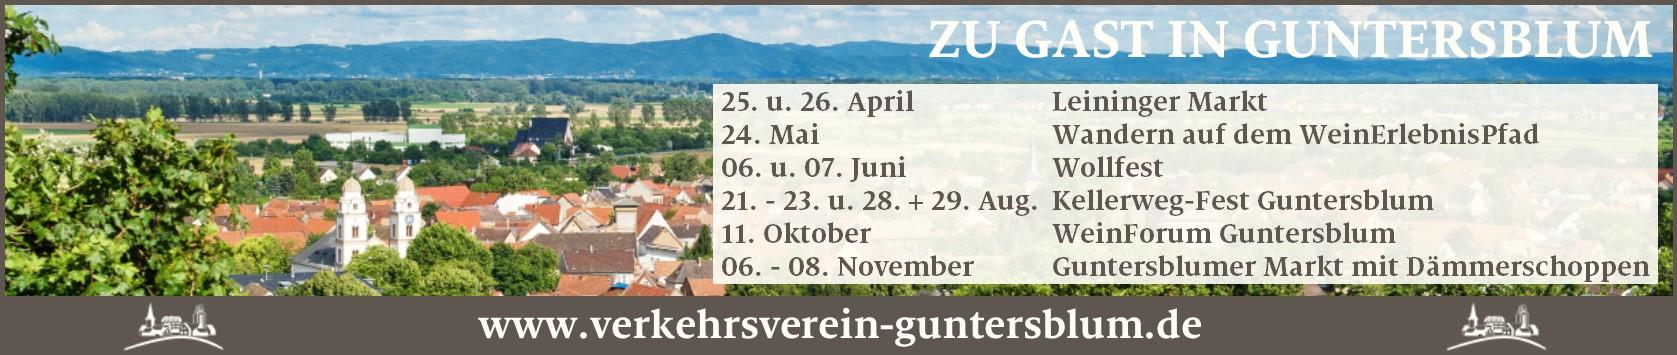 VV Guntersblum 2020